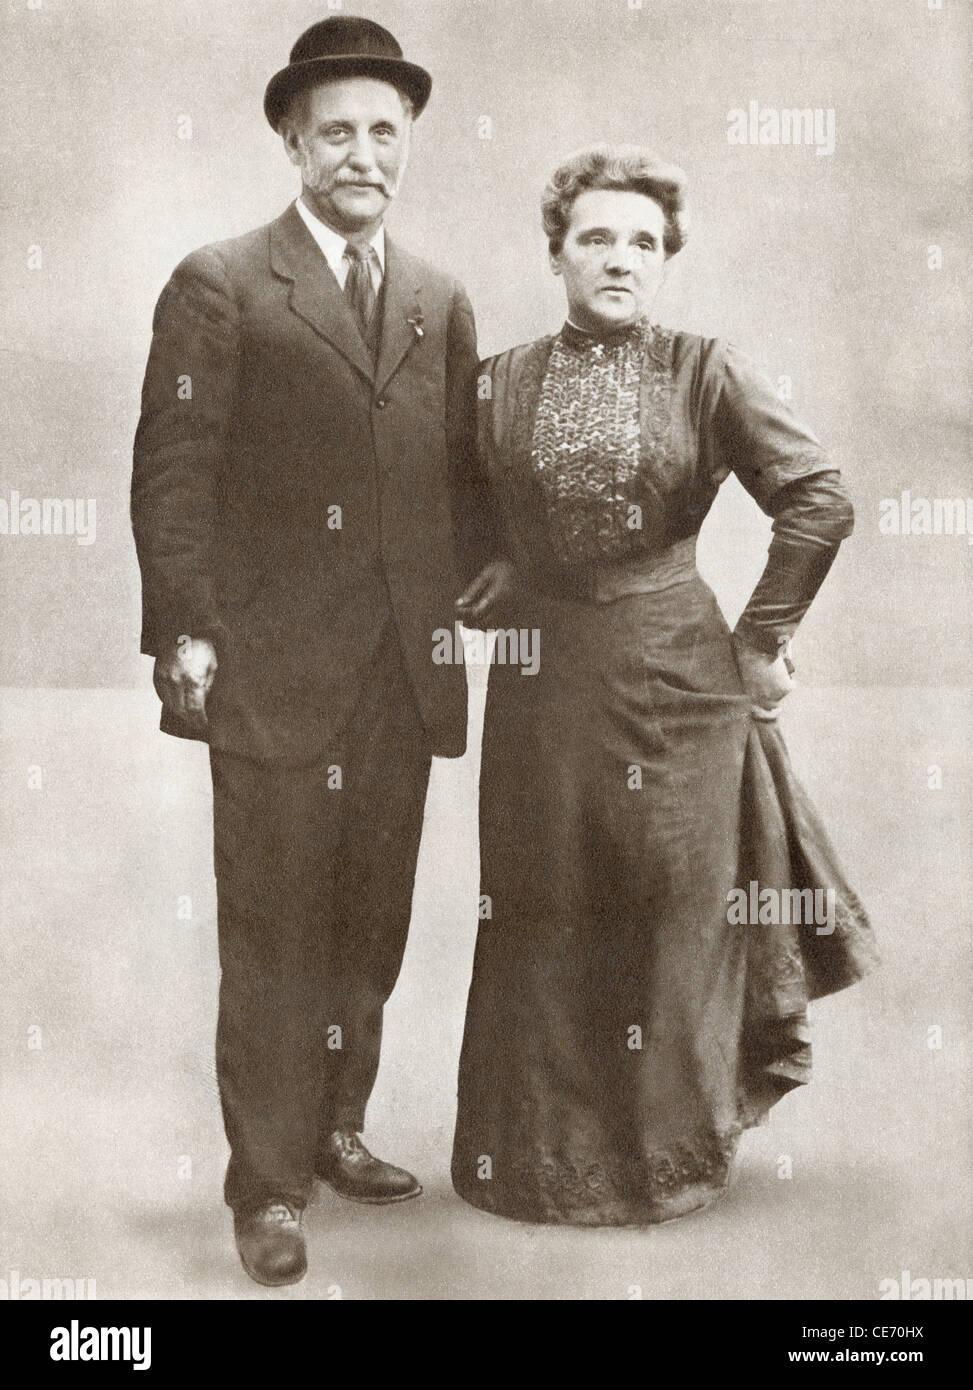 George Lansbury, 1859 - 1940 con la Sra. Lansbury. El político británico, socialista cristiano y editor Imagen De Stock